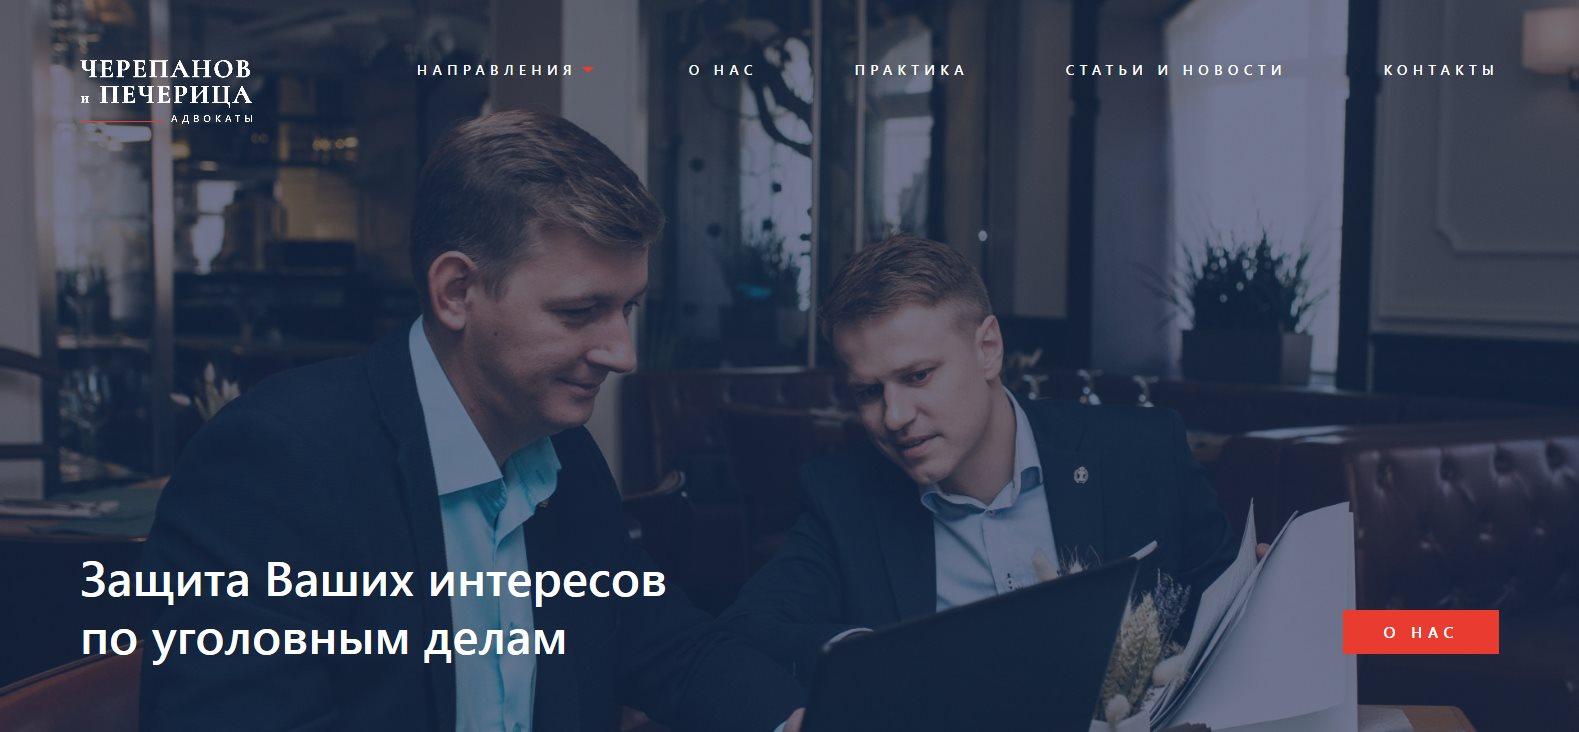 Адвокаты Черепанов и Печерица